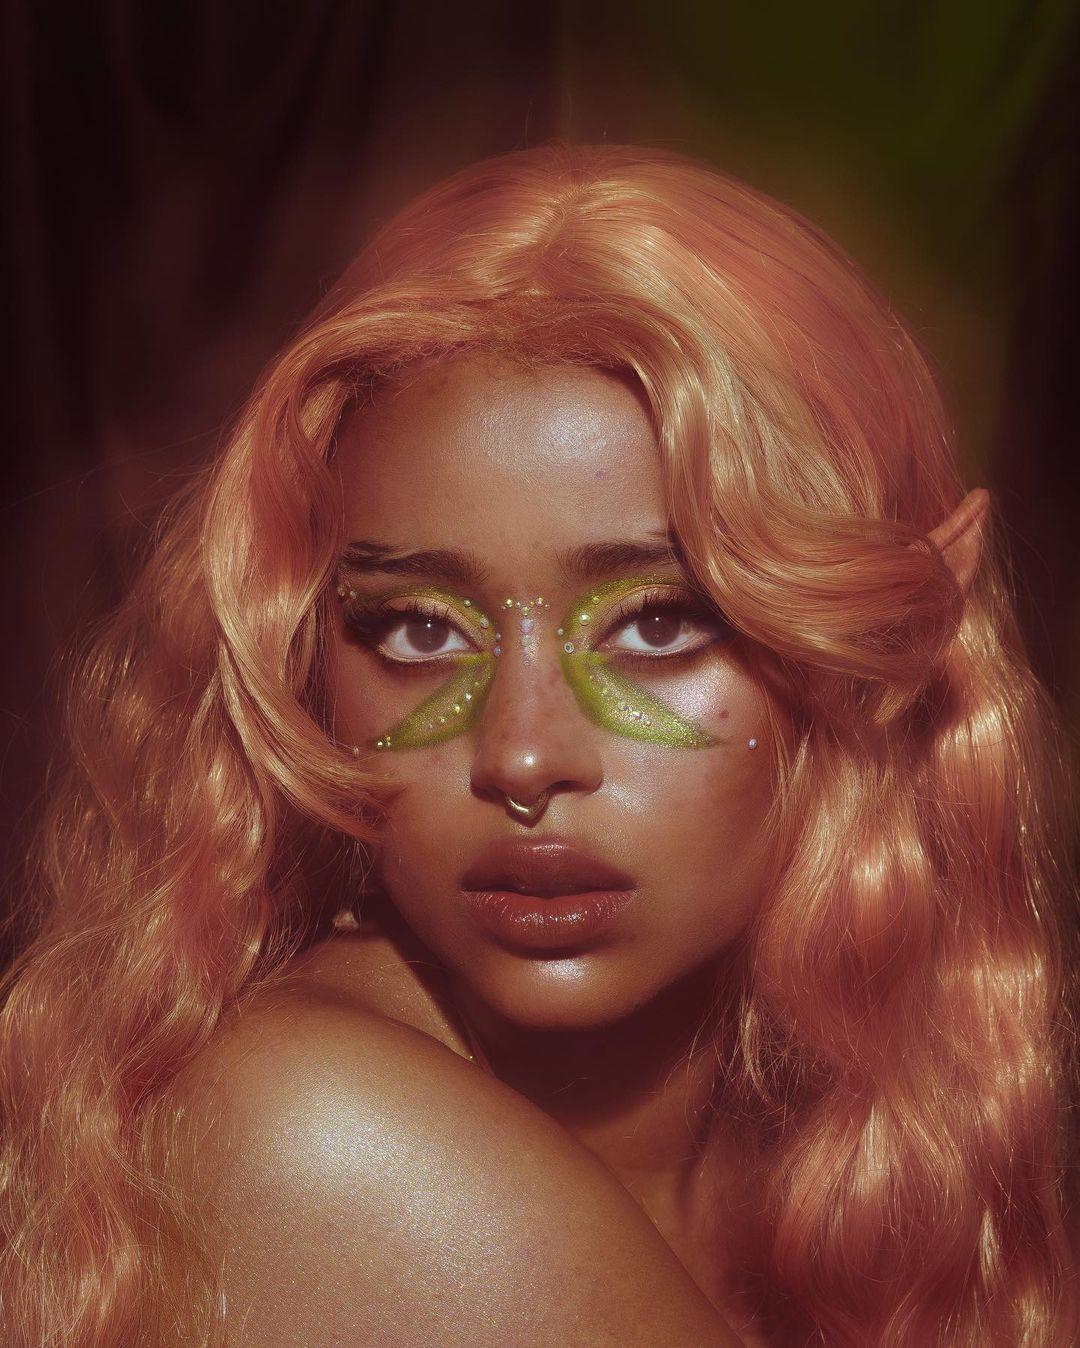 tendencia fairycore aesthetic maquiagem verde com strass